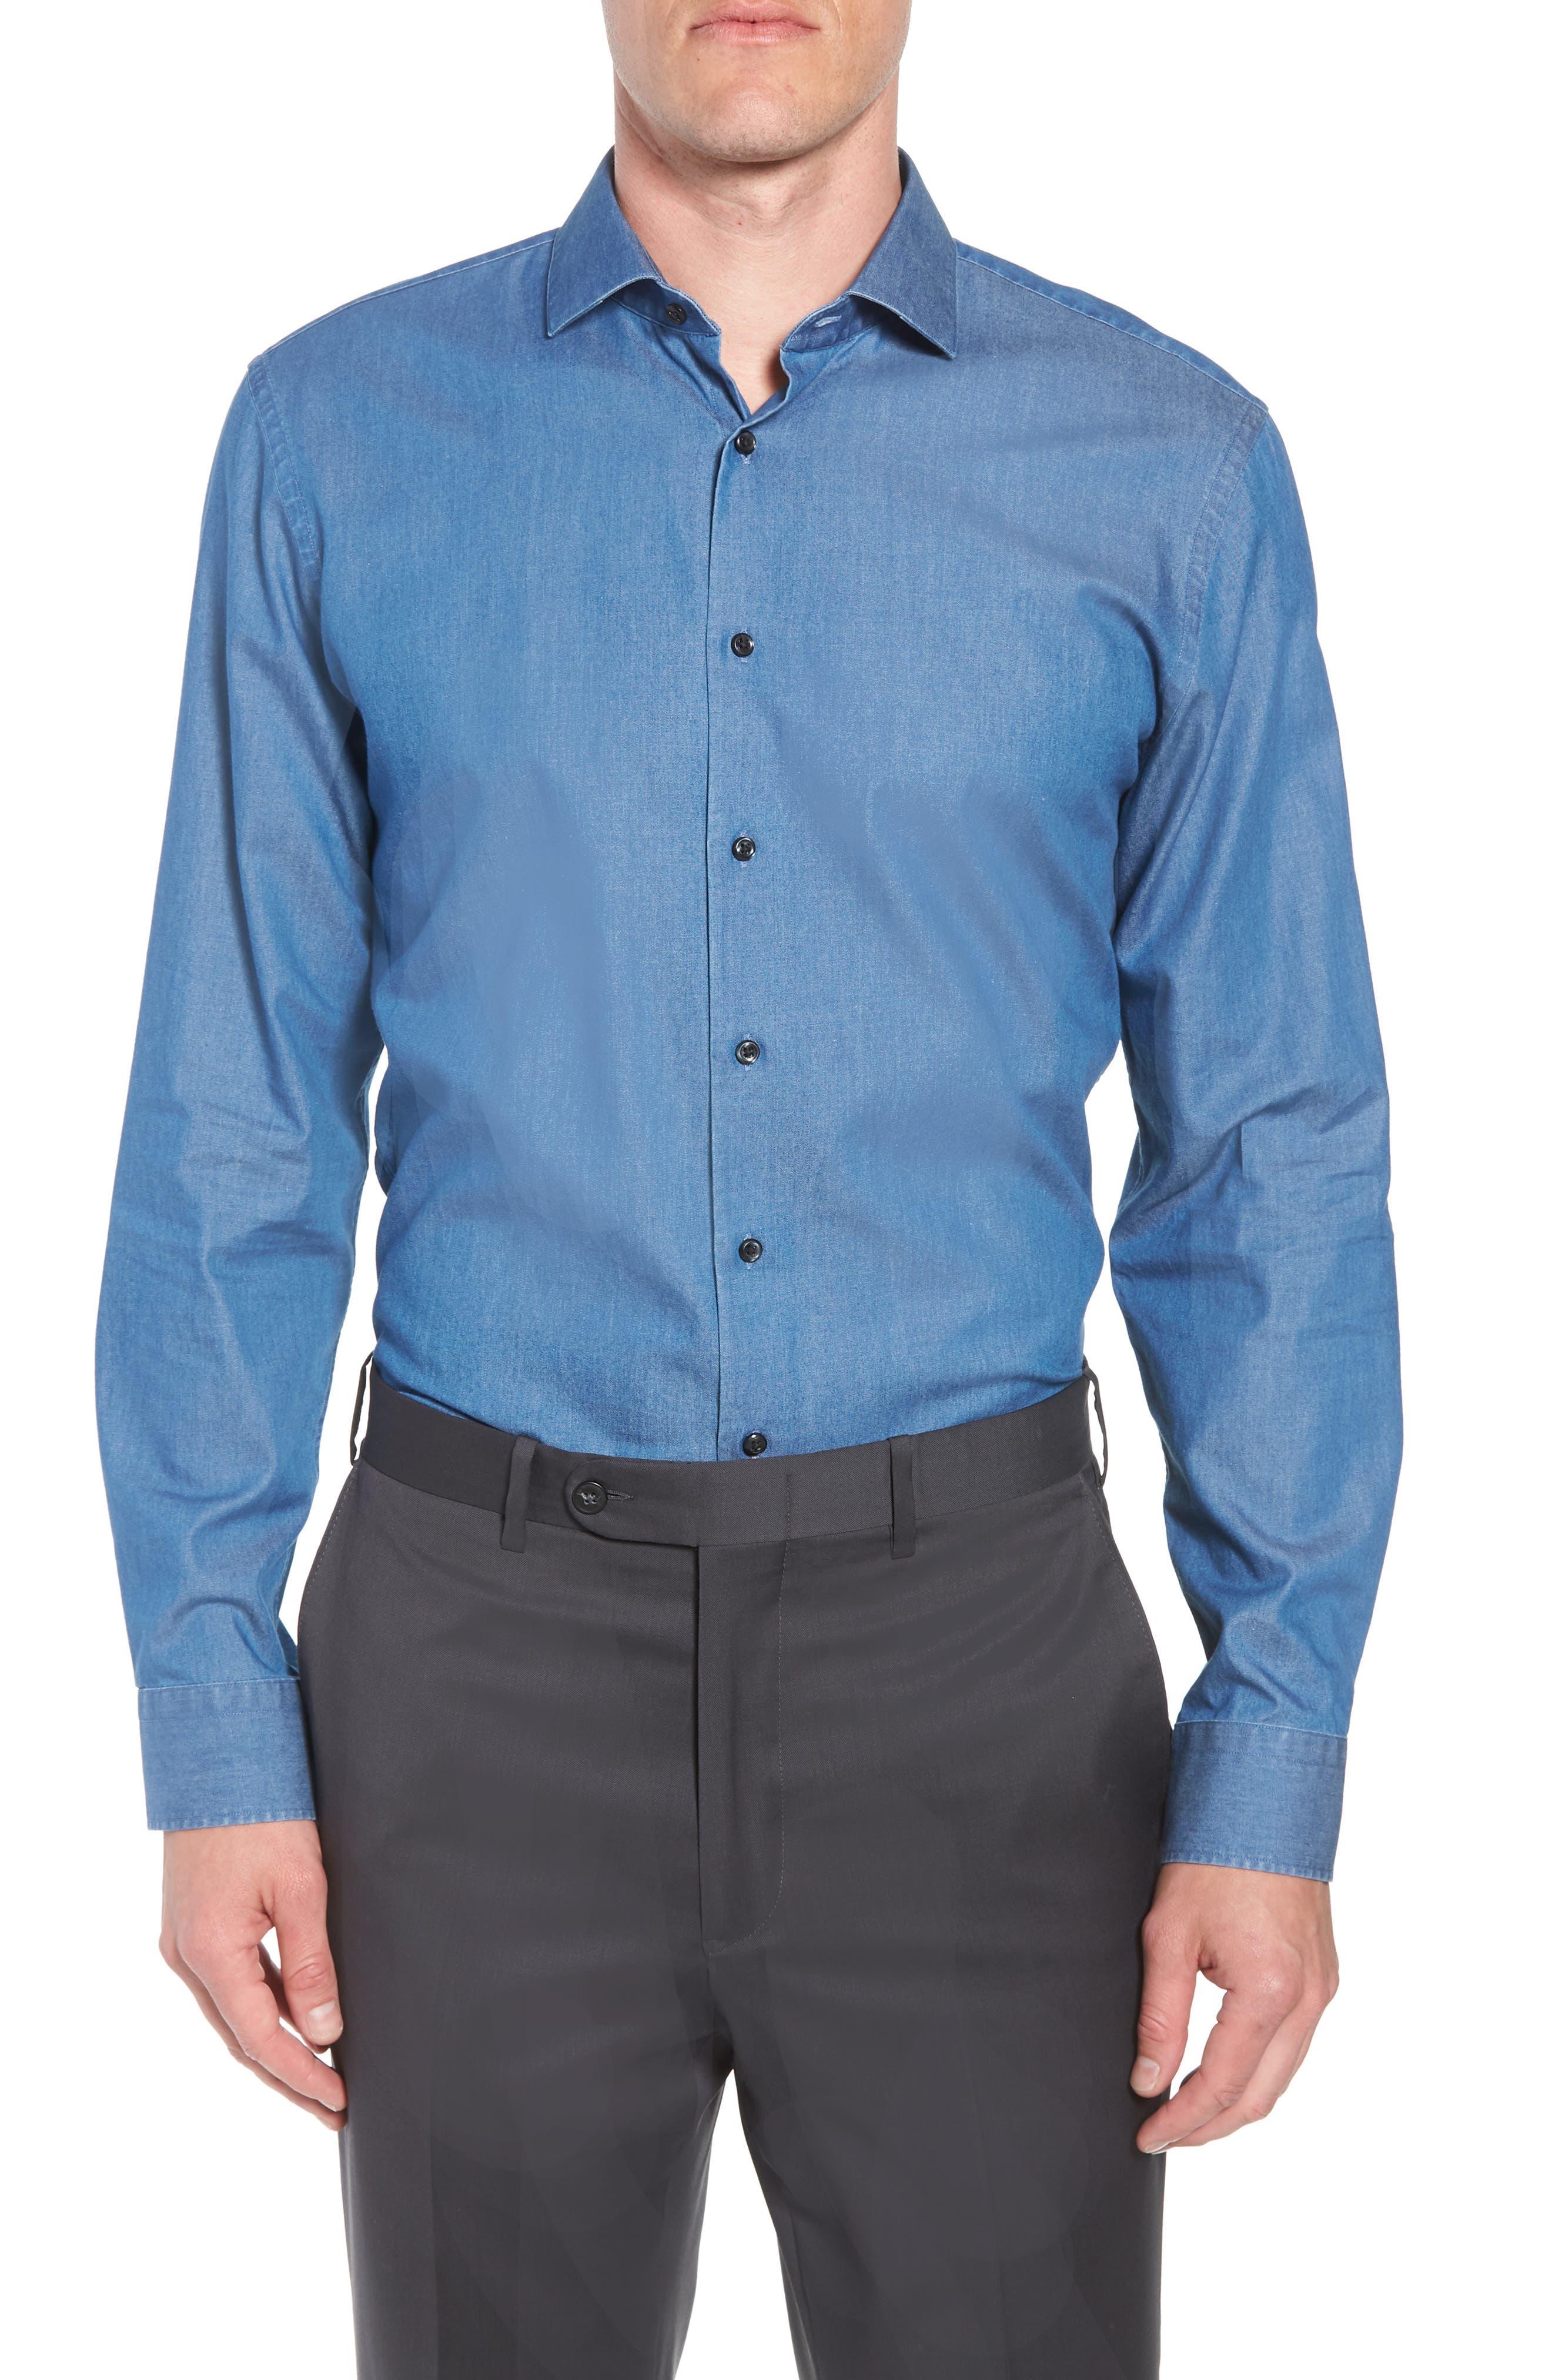 Trim Fit Solid Denim Dress Shirt,                             Main thumbnail 1, color,                             BLUE DENIM